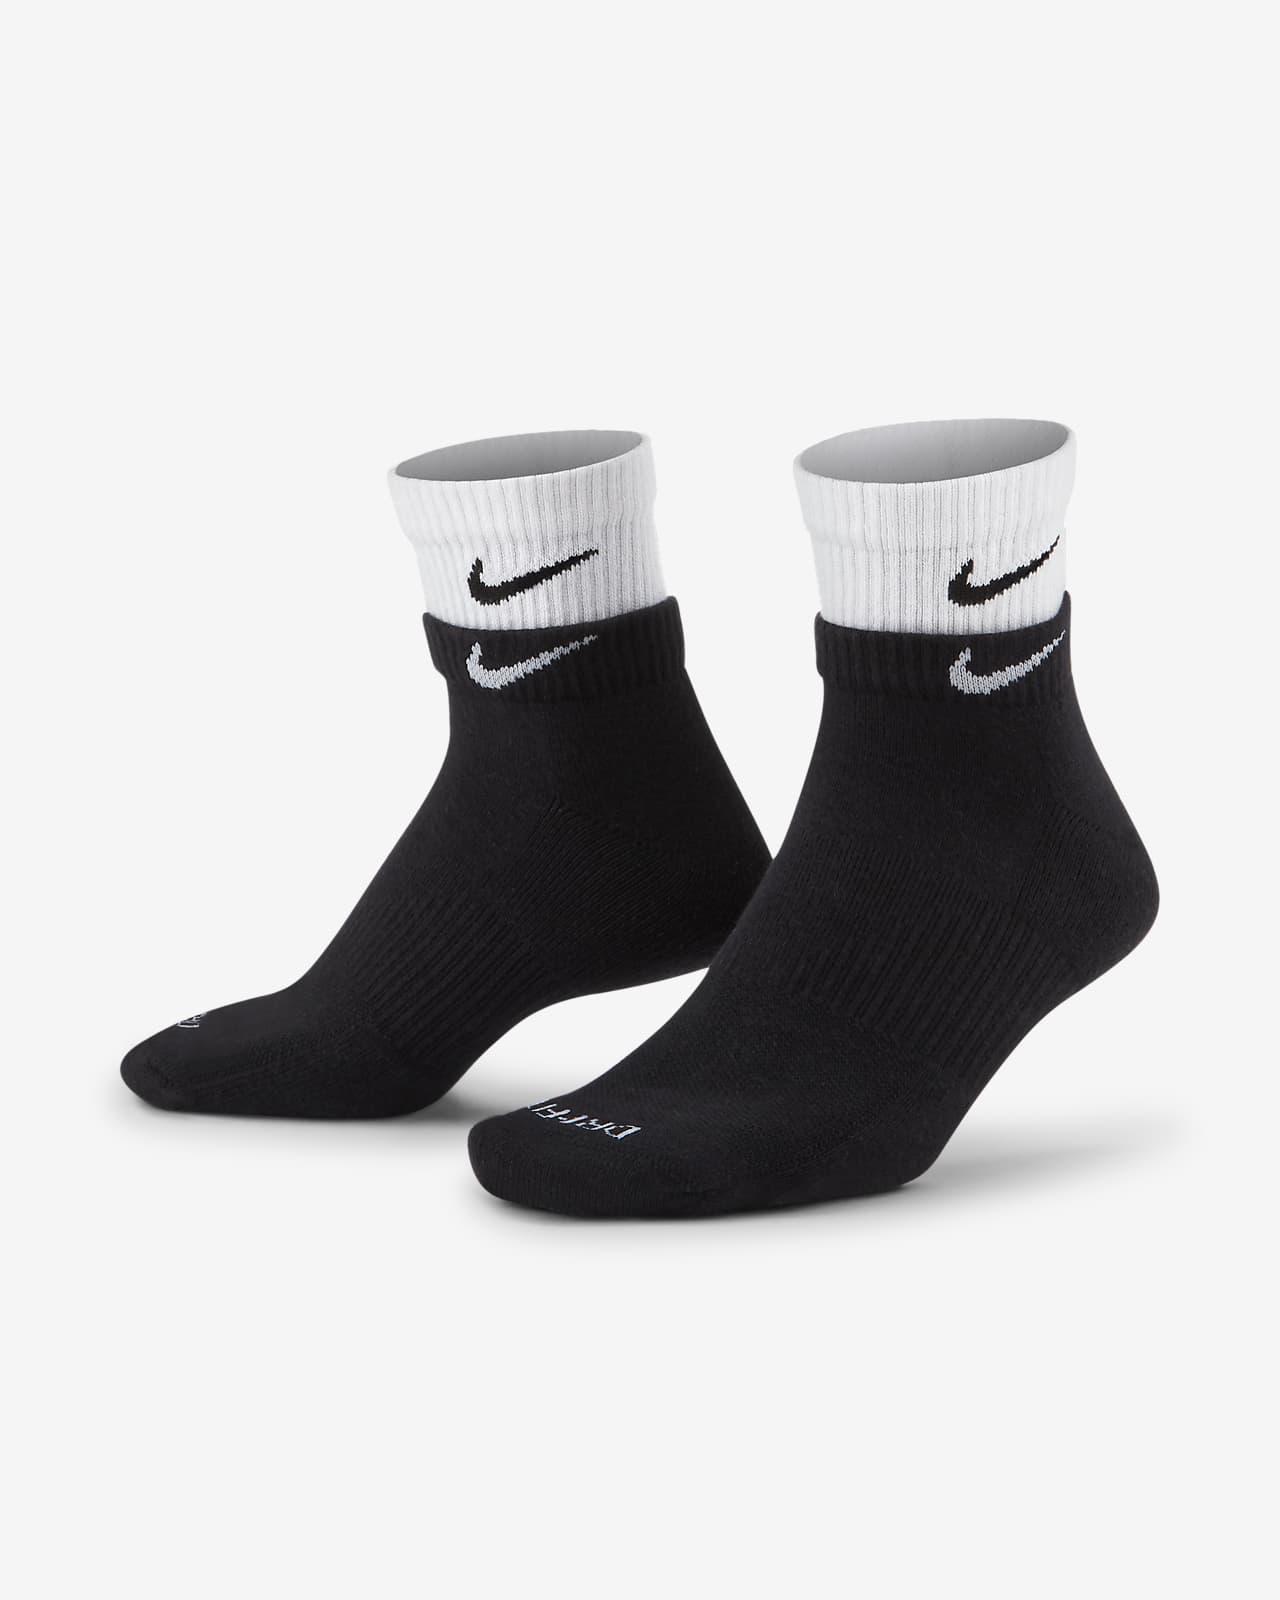 Nike Everyday Plus Cushioned Antrenman Bilek Çorapları